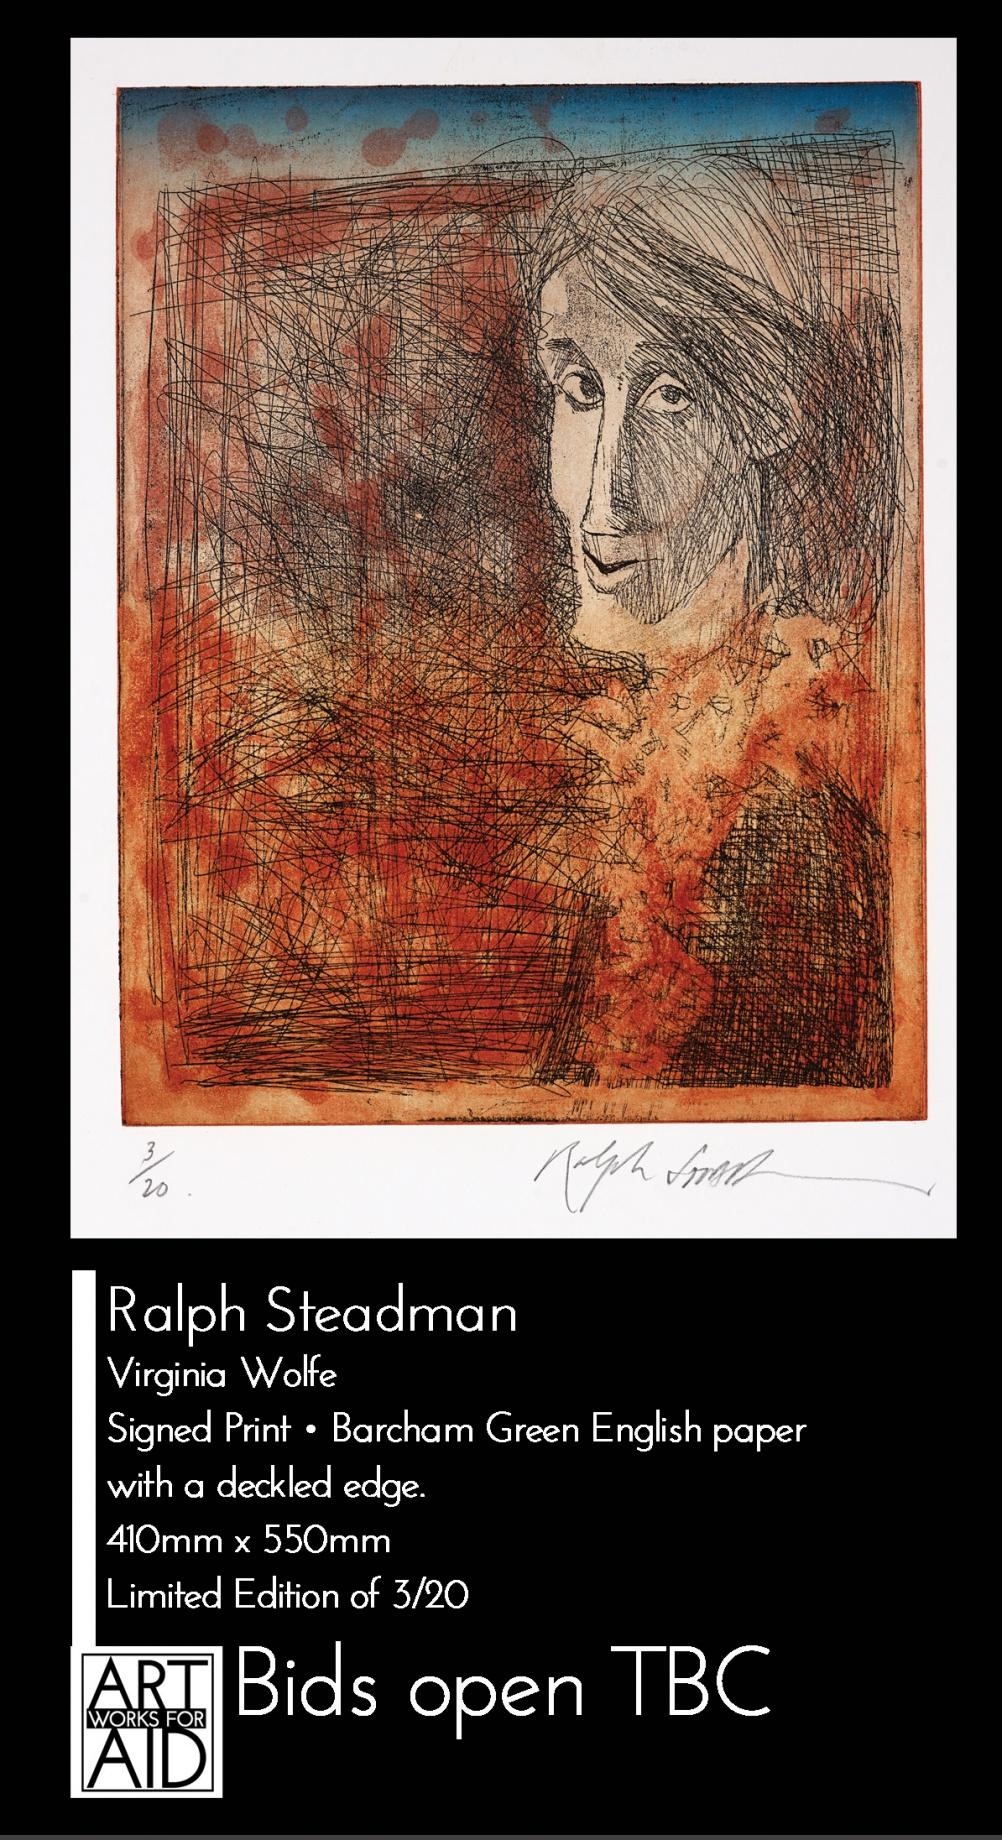 © Ralph Steadman - Virginia Woolf